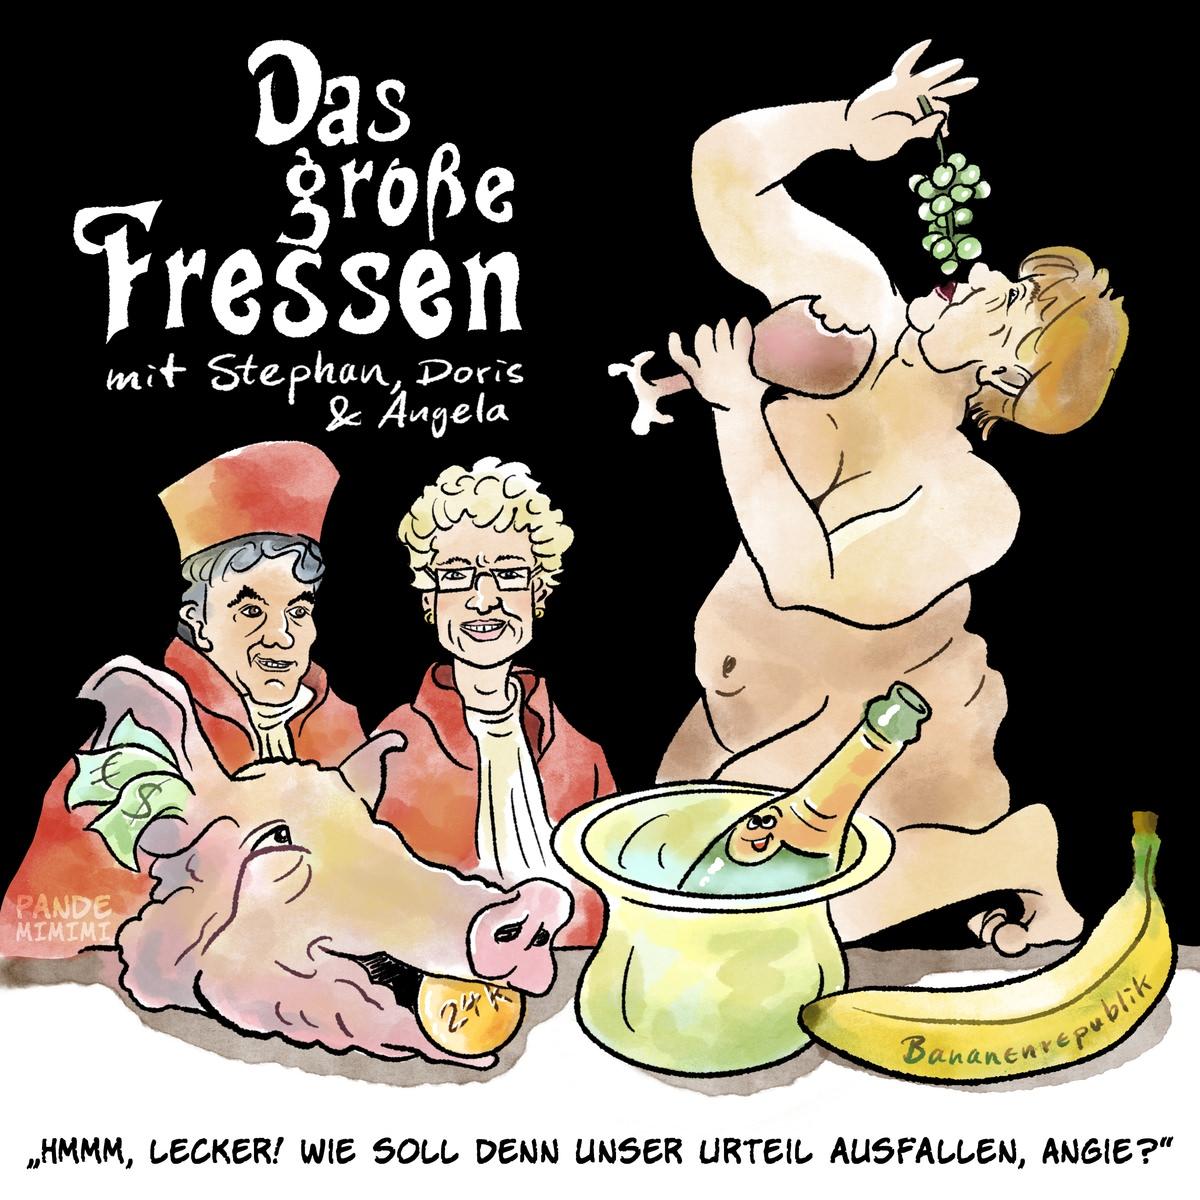 Das große Fressen mit Stephan, Doris & Angela